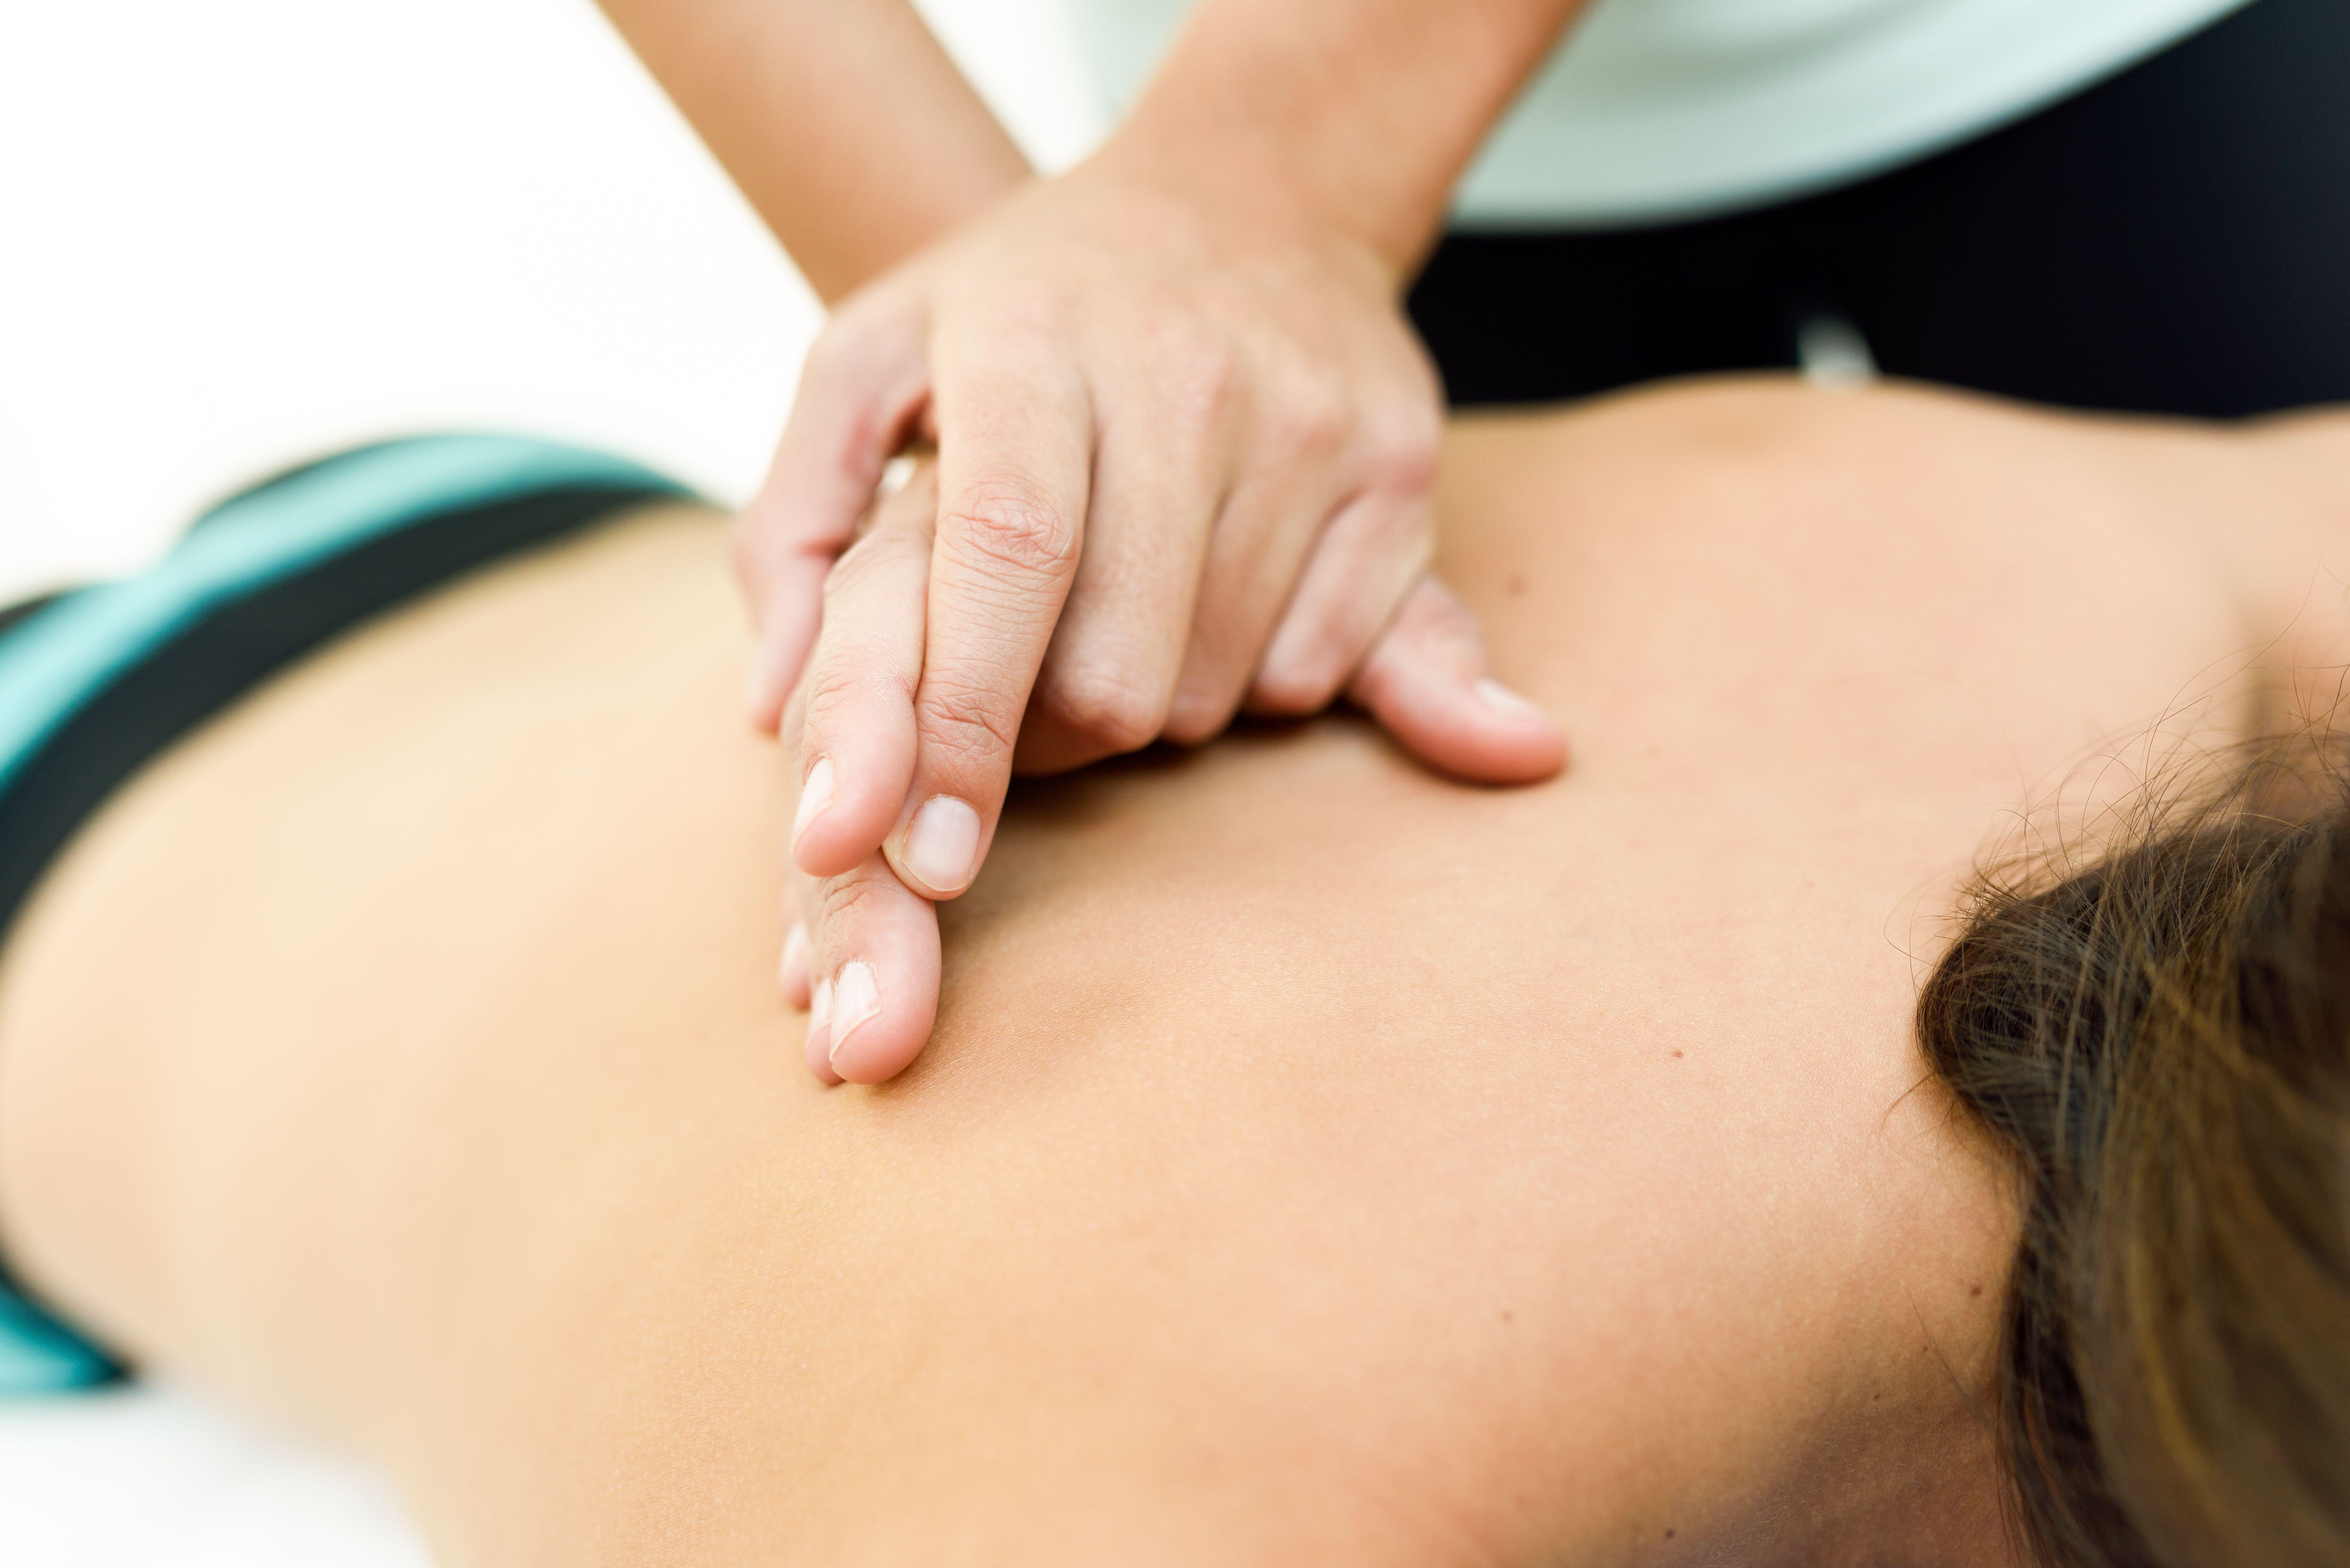 Fisioterapia y rehabilitación: Tratamientos y Tarifas de Fisioterapia Nagusia